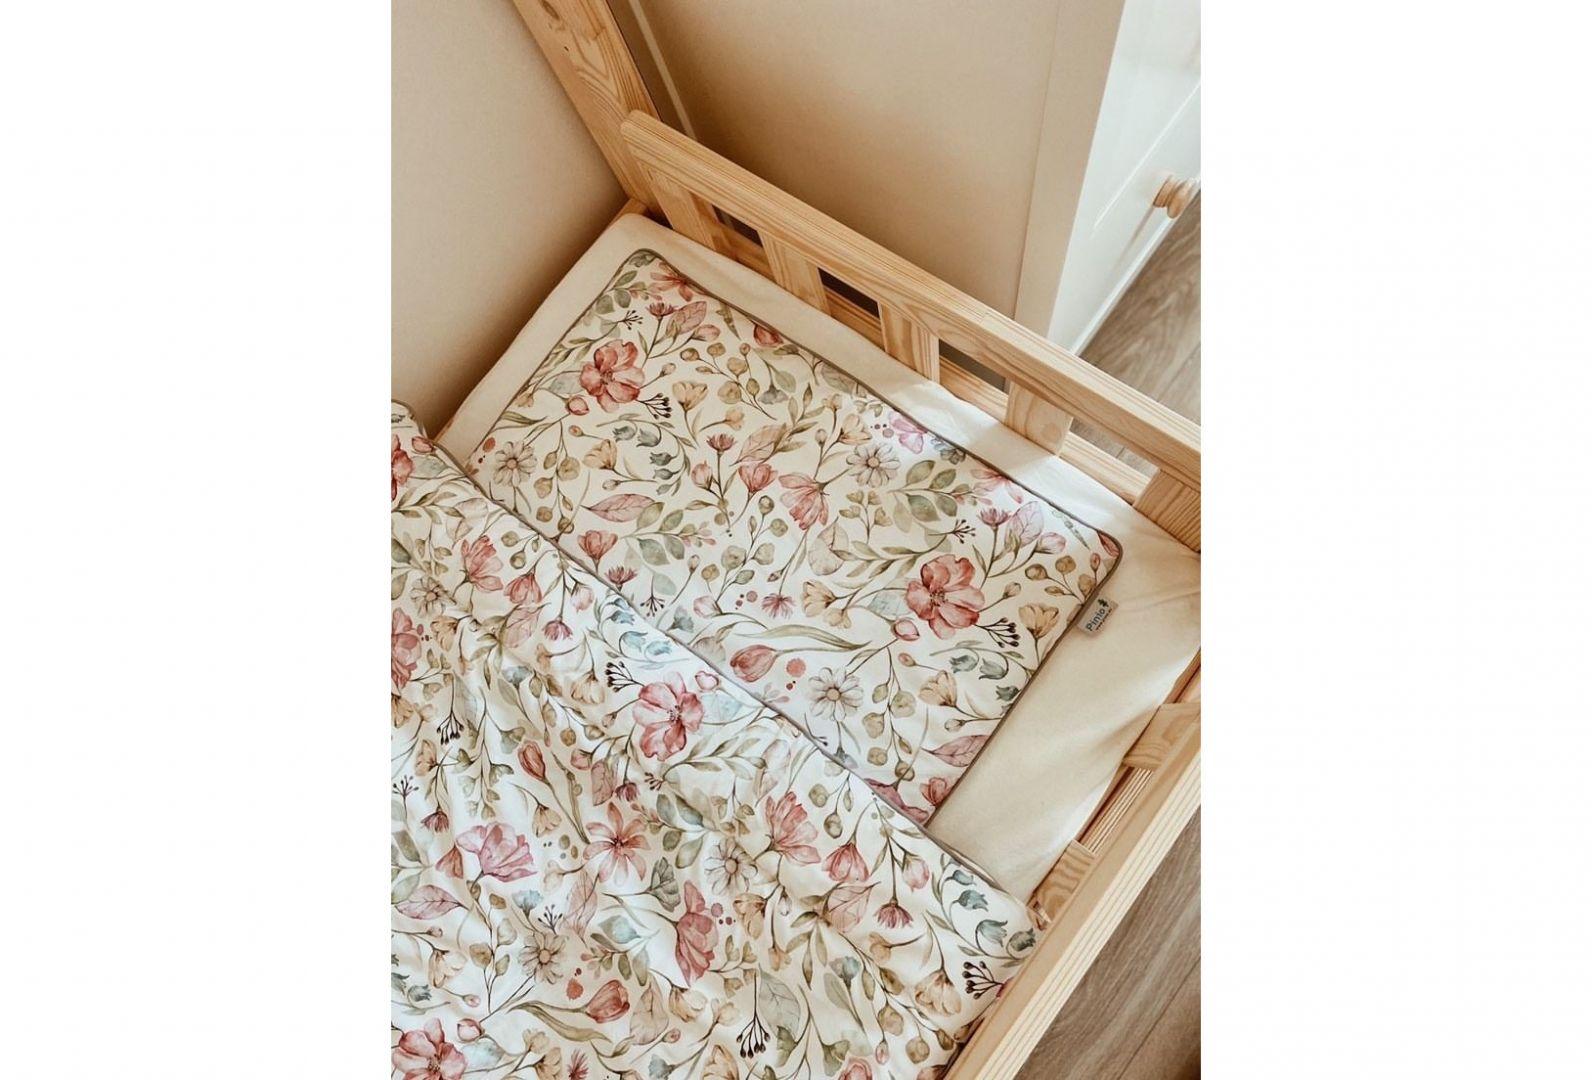 Delikatna bawełna, antyalergiczne wypełnienie – to podstawa dla dziecięcej skóry, a przy wyborze tekstyliów warto również zwrócić uwagę na możliwości ich szybkiego czyszczenia. Fot. Pinio